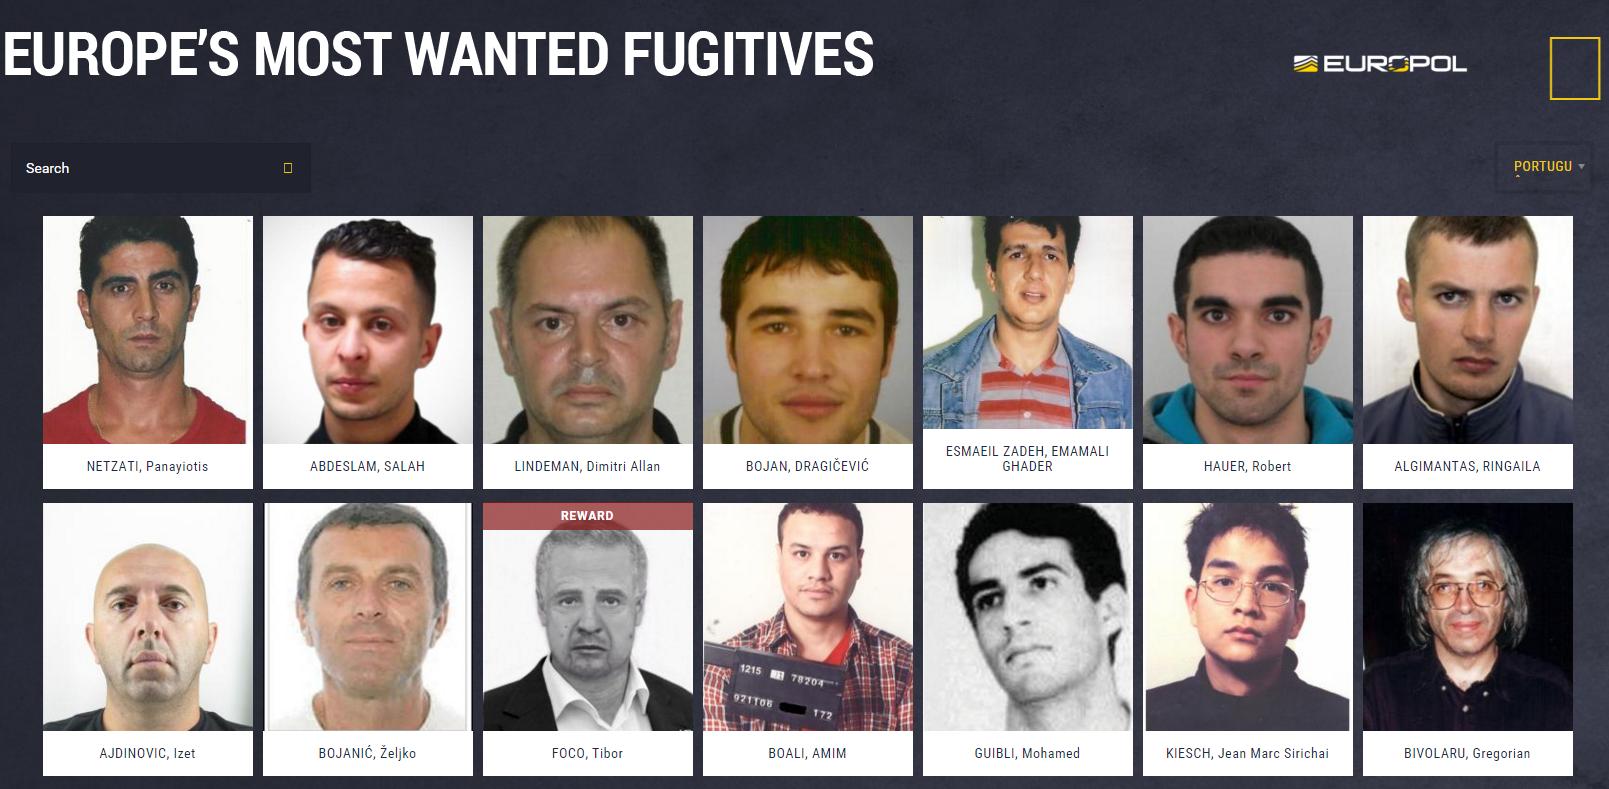 """4009de0df """"O  site  vai permitir partilhar informações sobre criminosos procurados"""